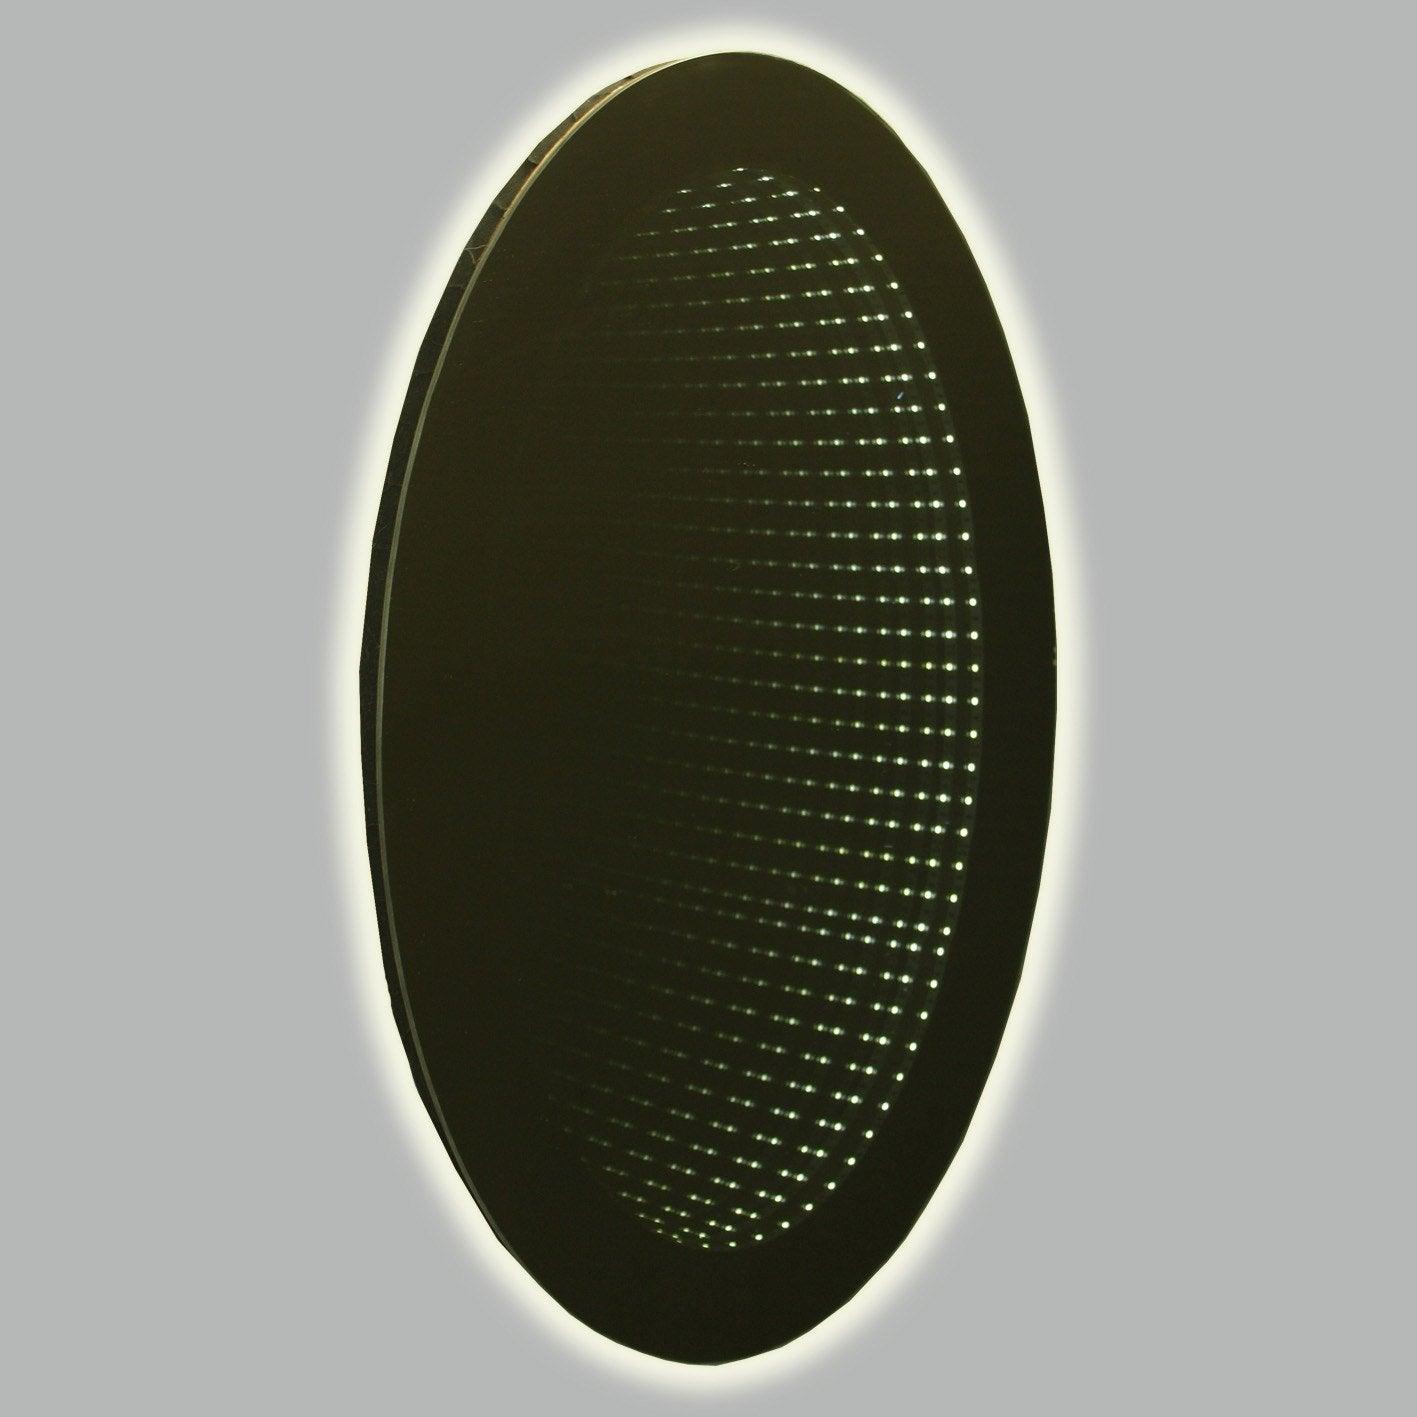 miroir ovale led 3d miroir l 41 x h 60 cm Résultat Supérieur 16 Merveilleux Miroir Led 60 Stock 2017 Kqk9